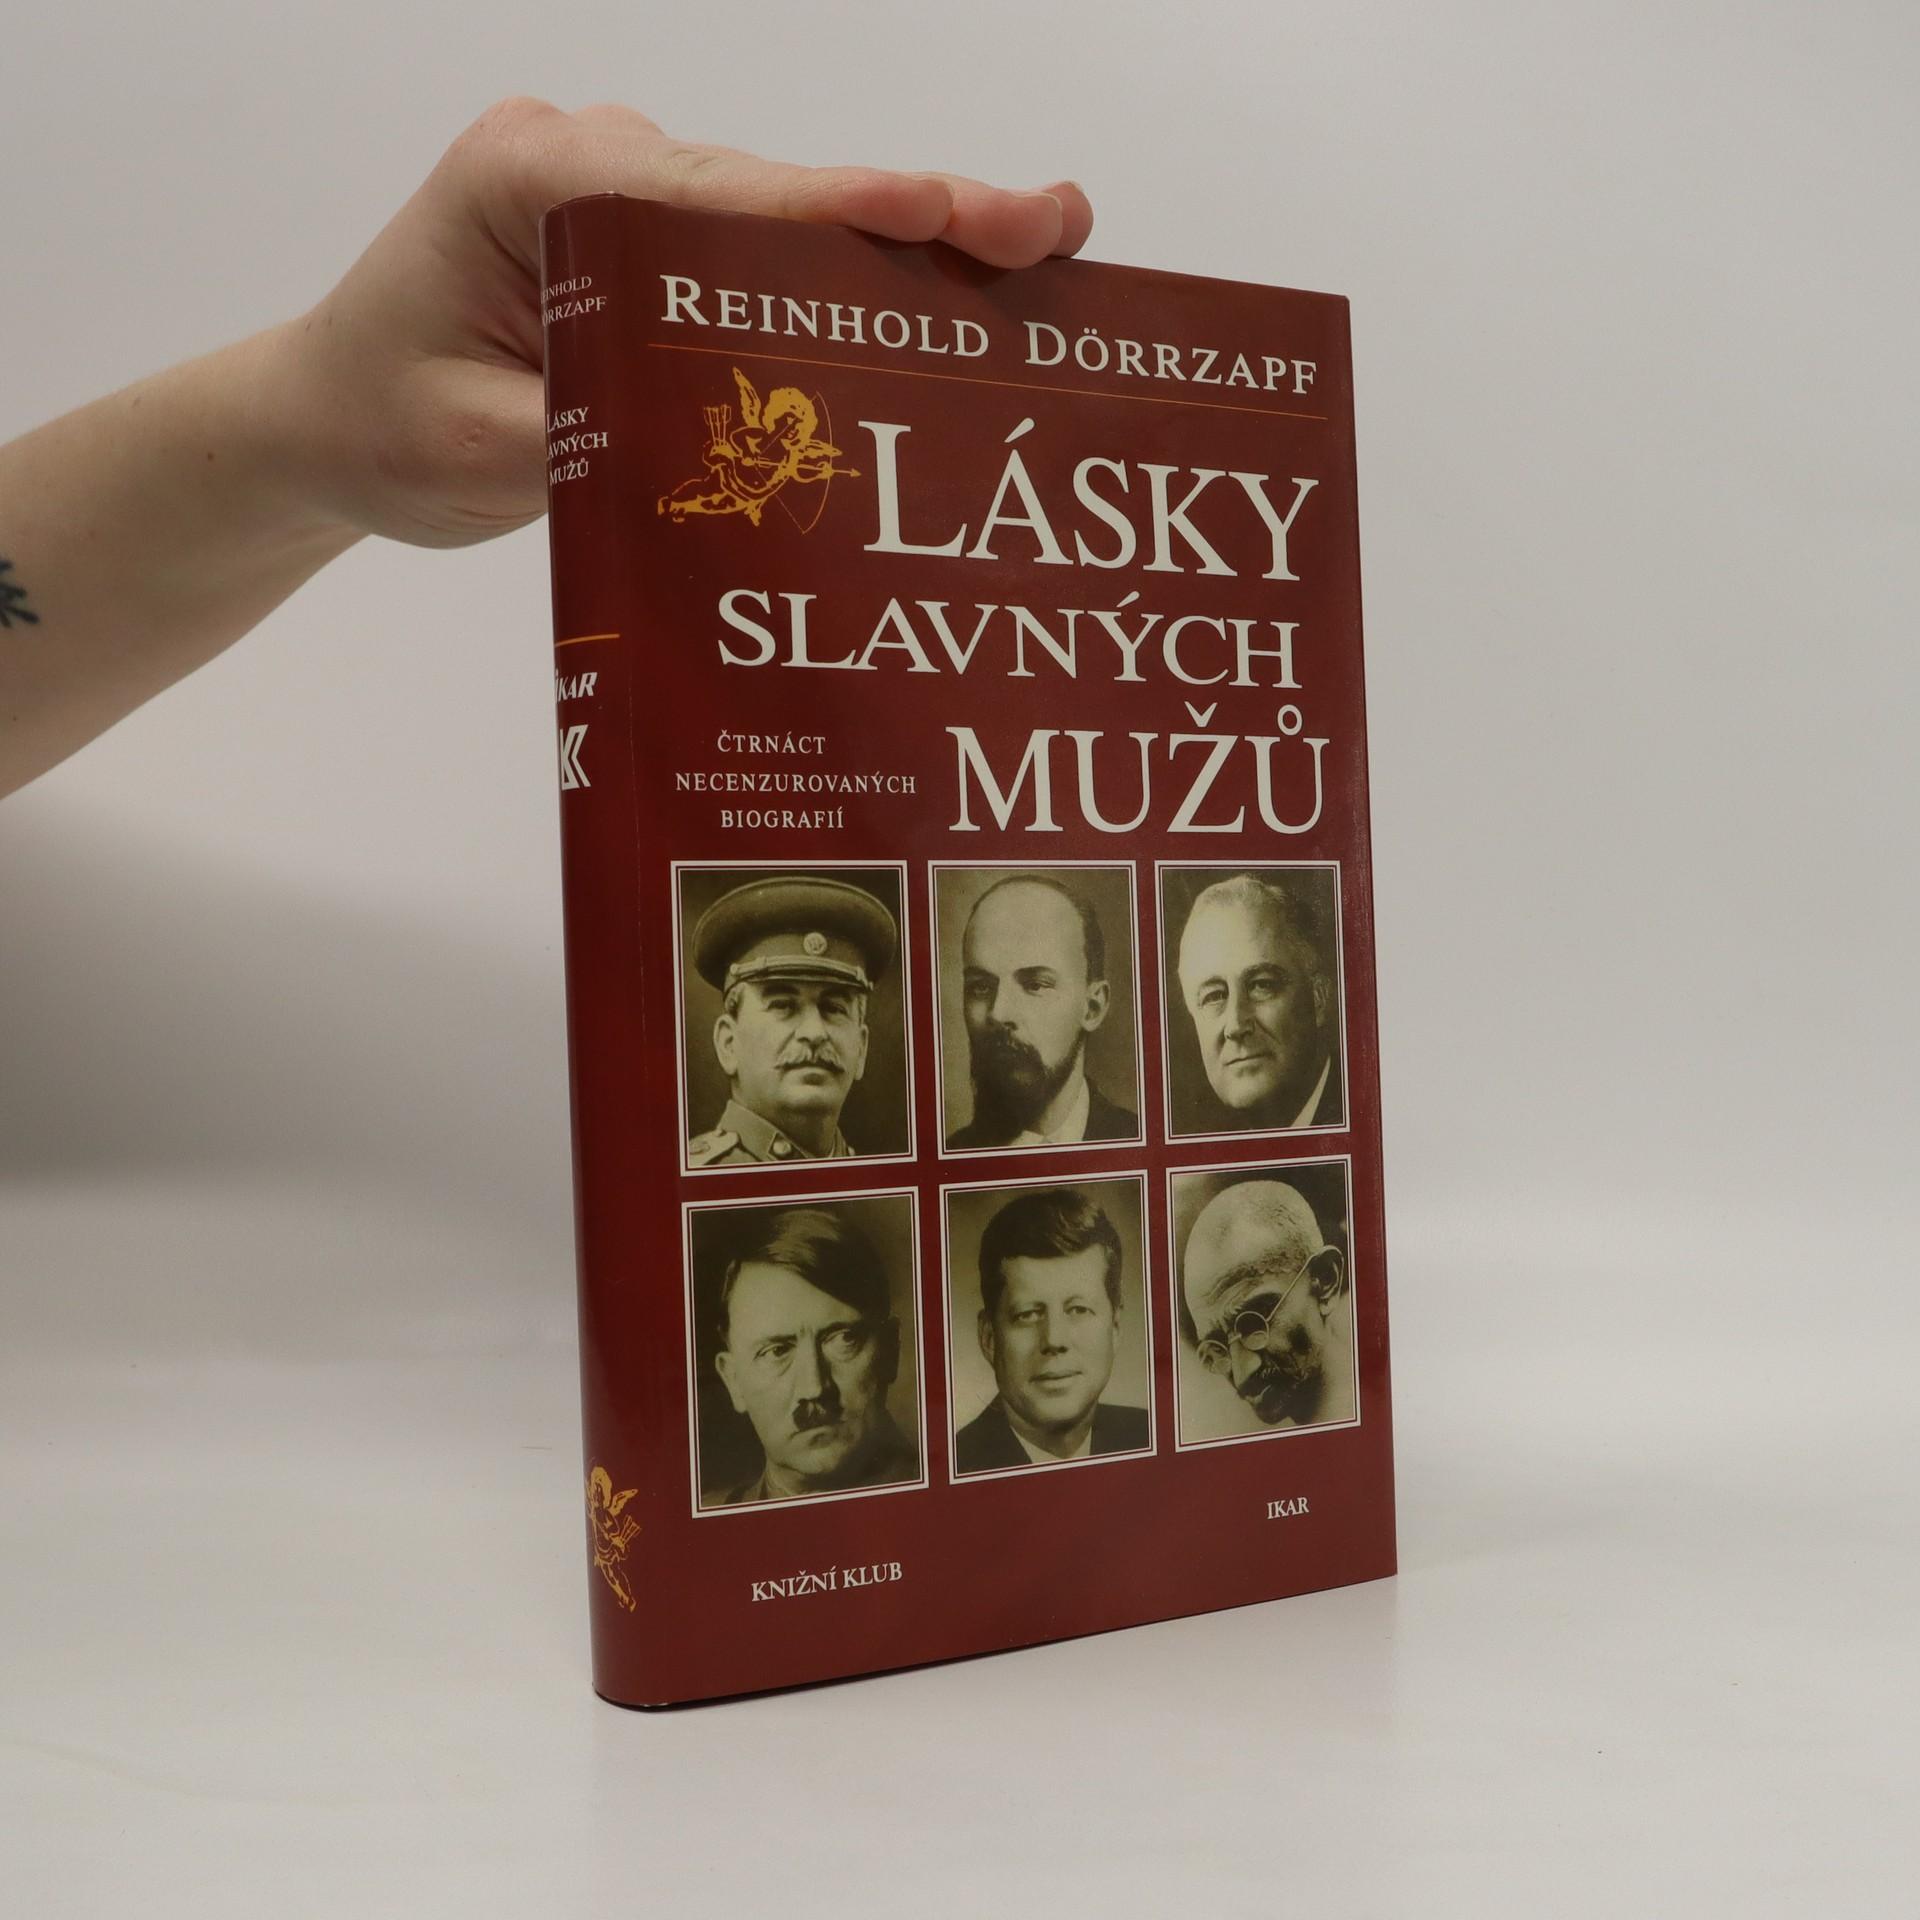 antikvární kniha Lásky slavných mužů : čtrnáct necenzurovaných biografií, 1998